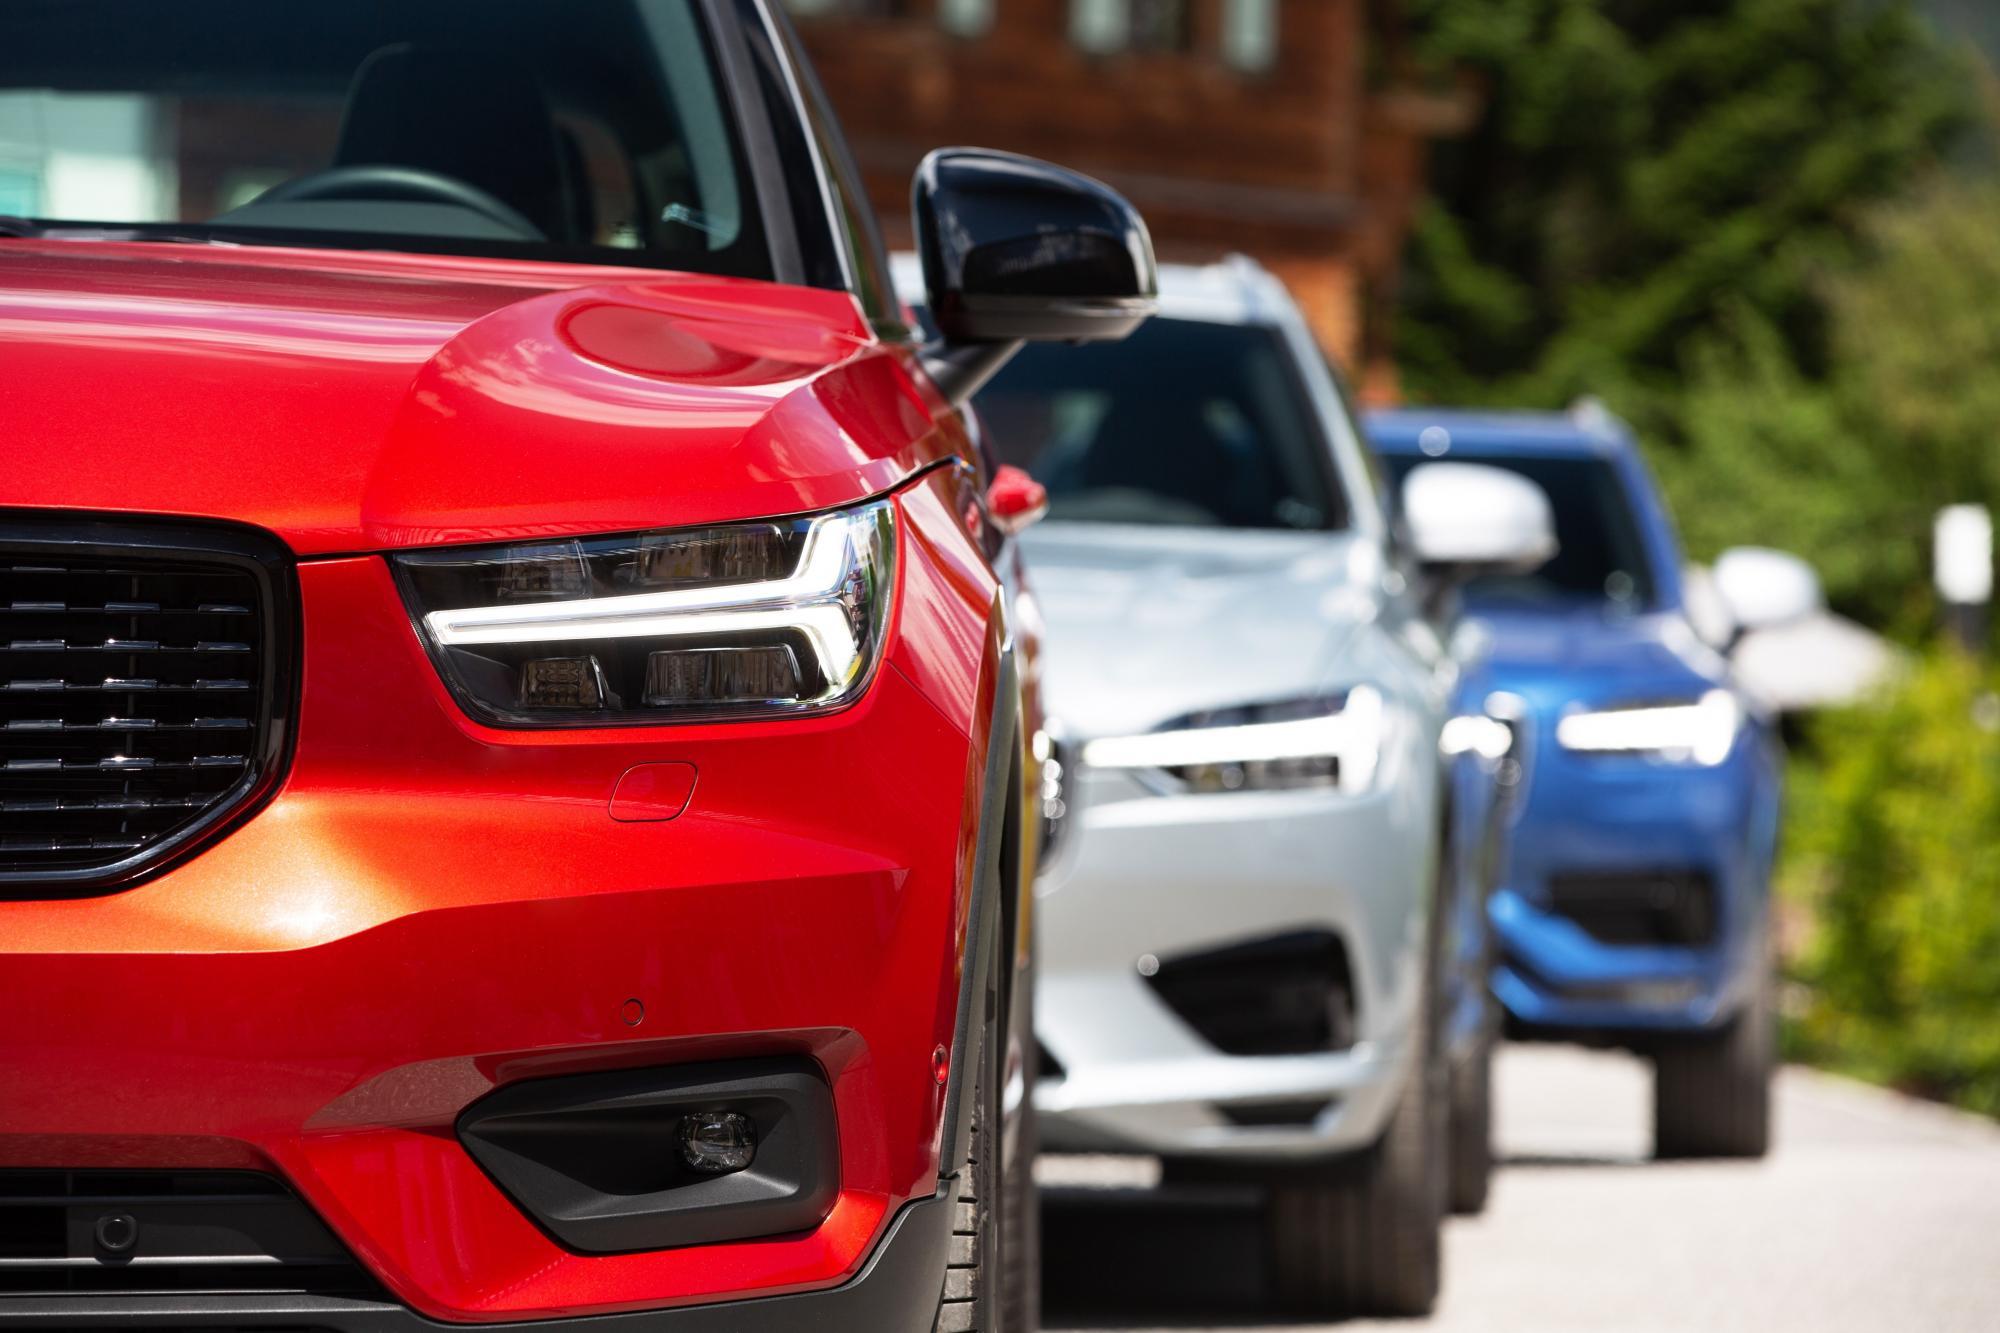 So erkennt man umweltfreundliche Autos